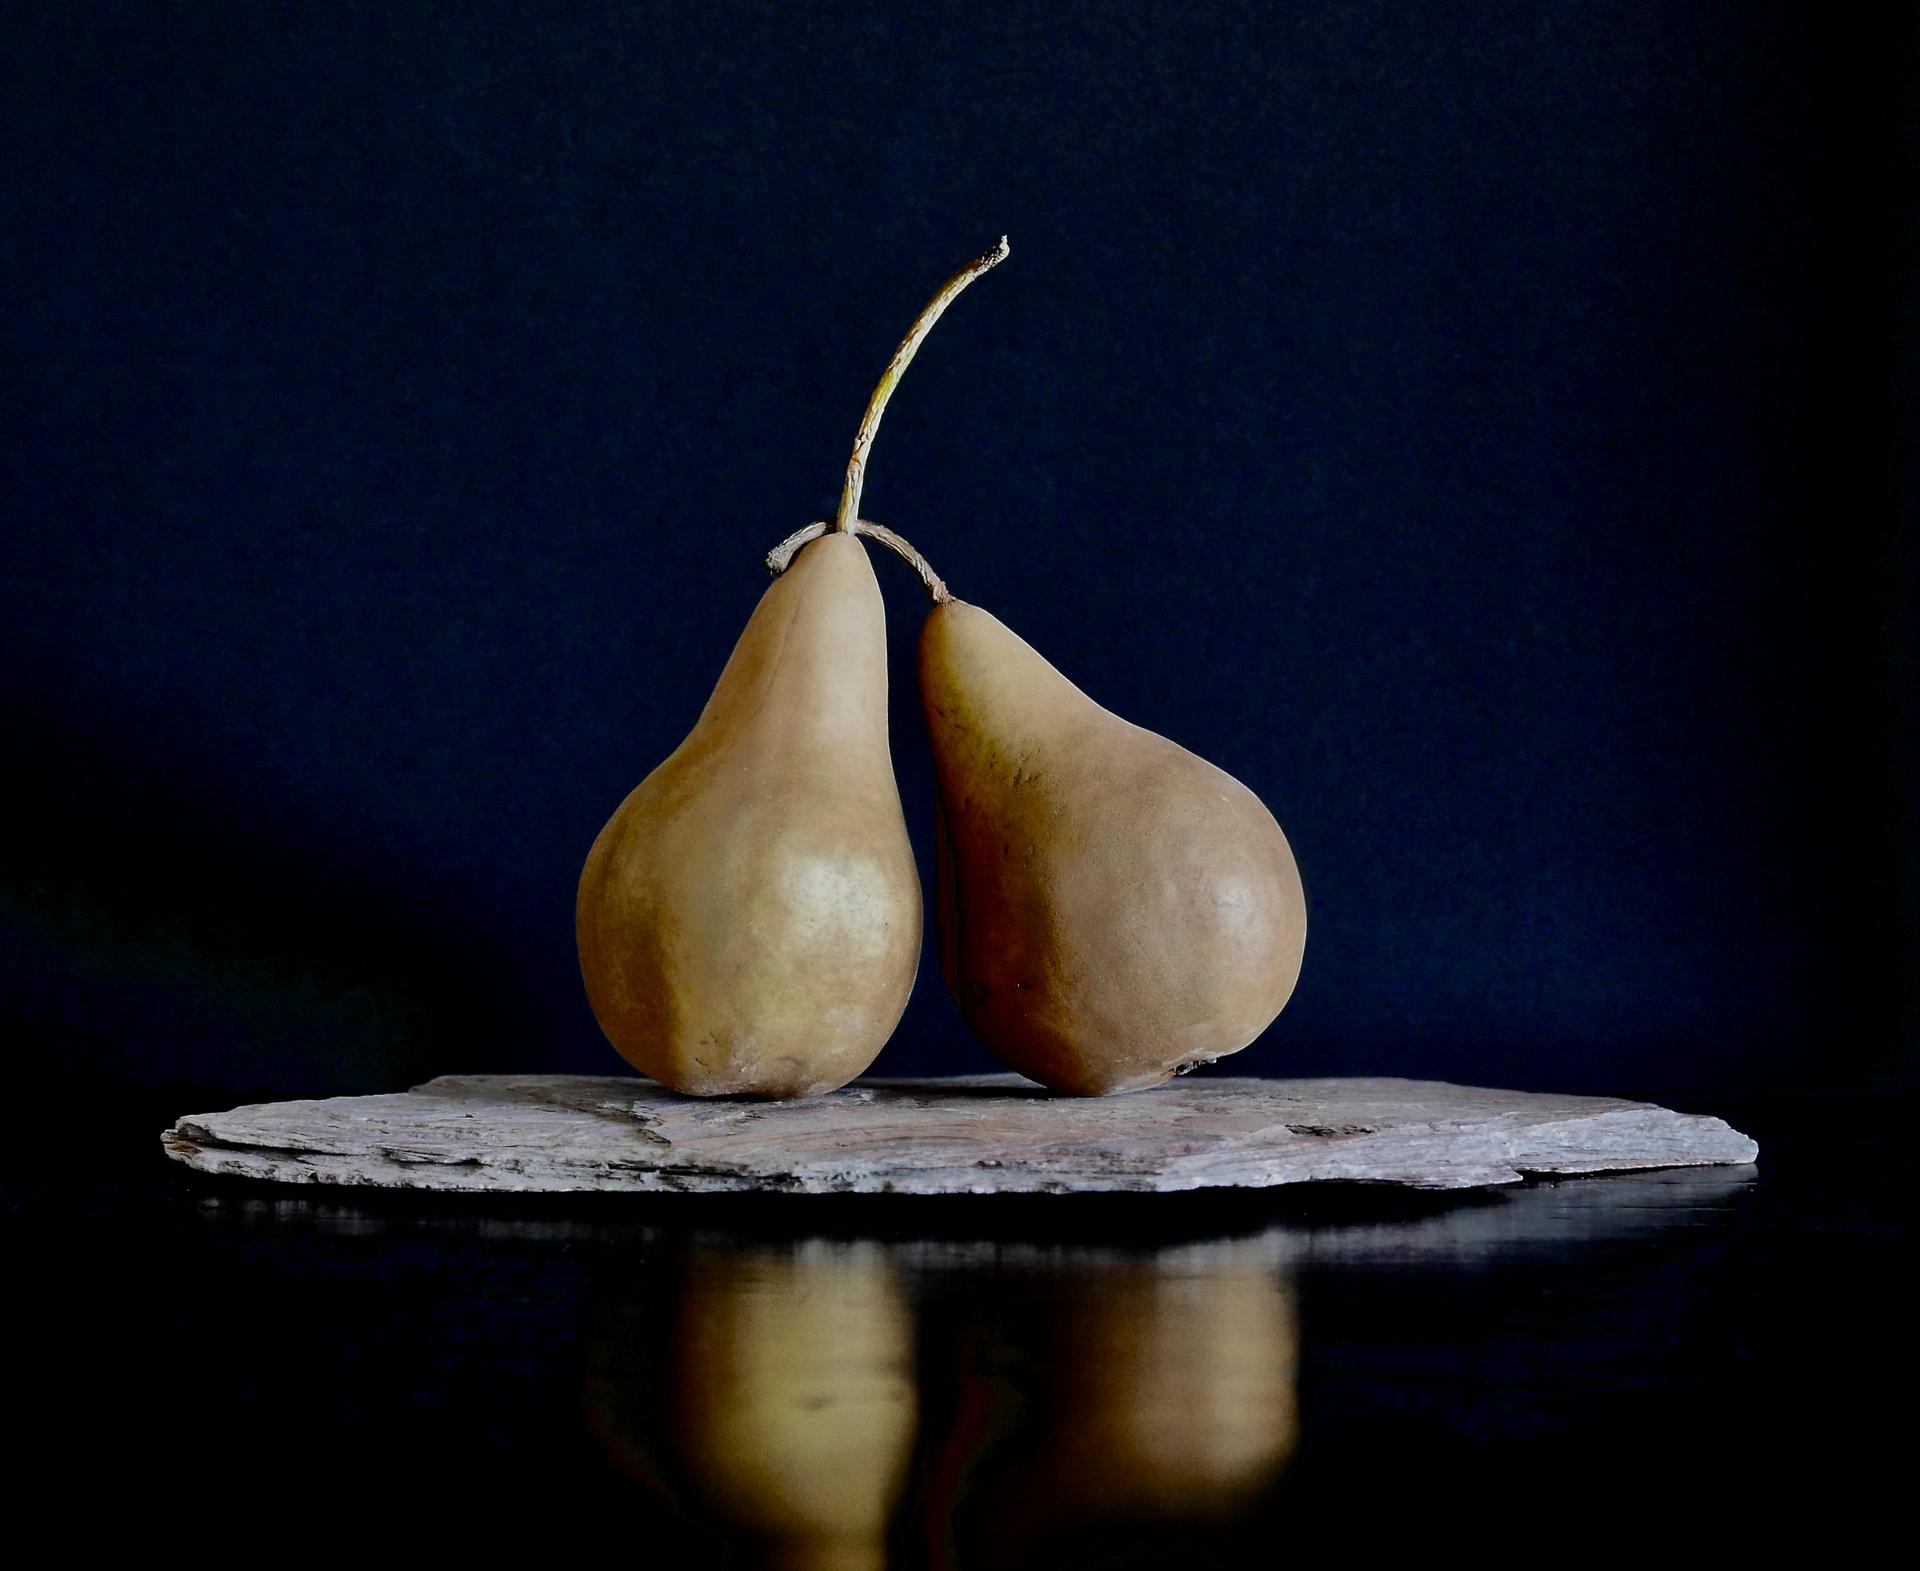 Pair of Pears 2